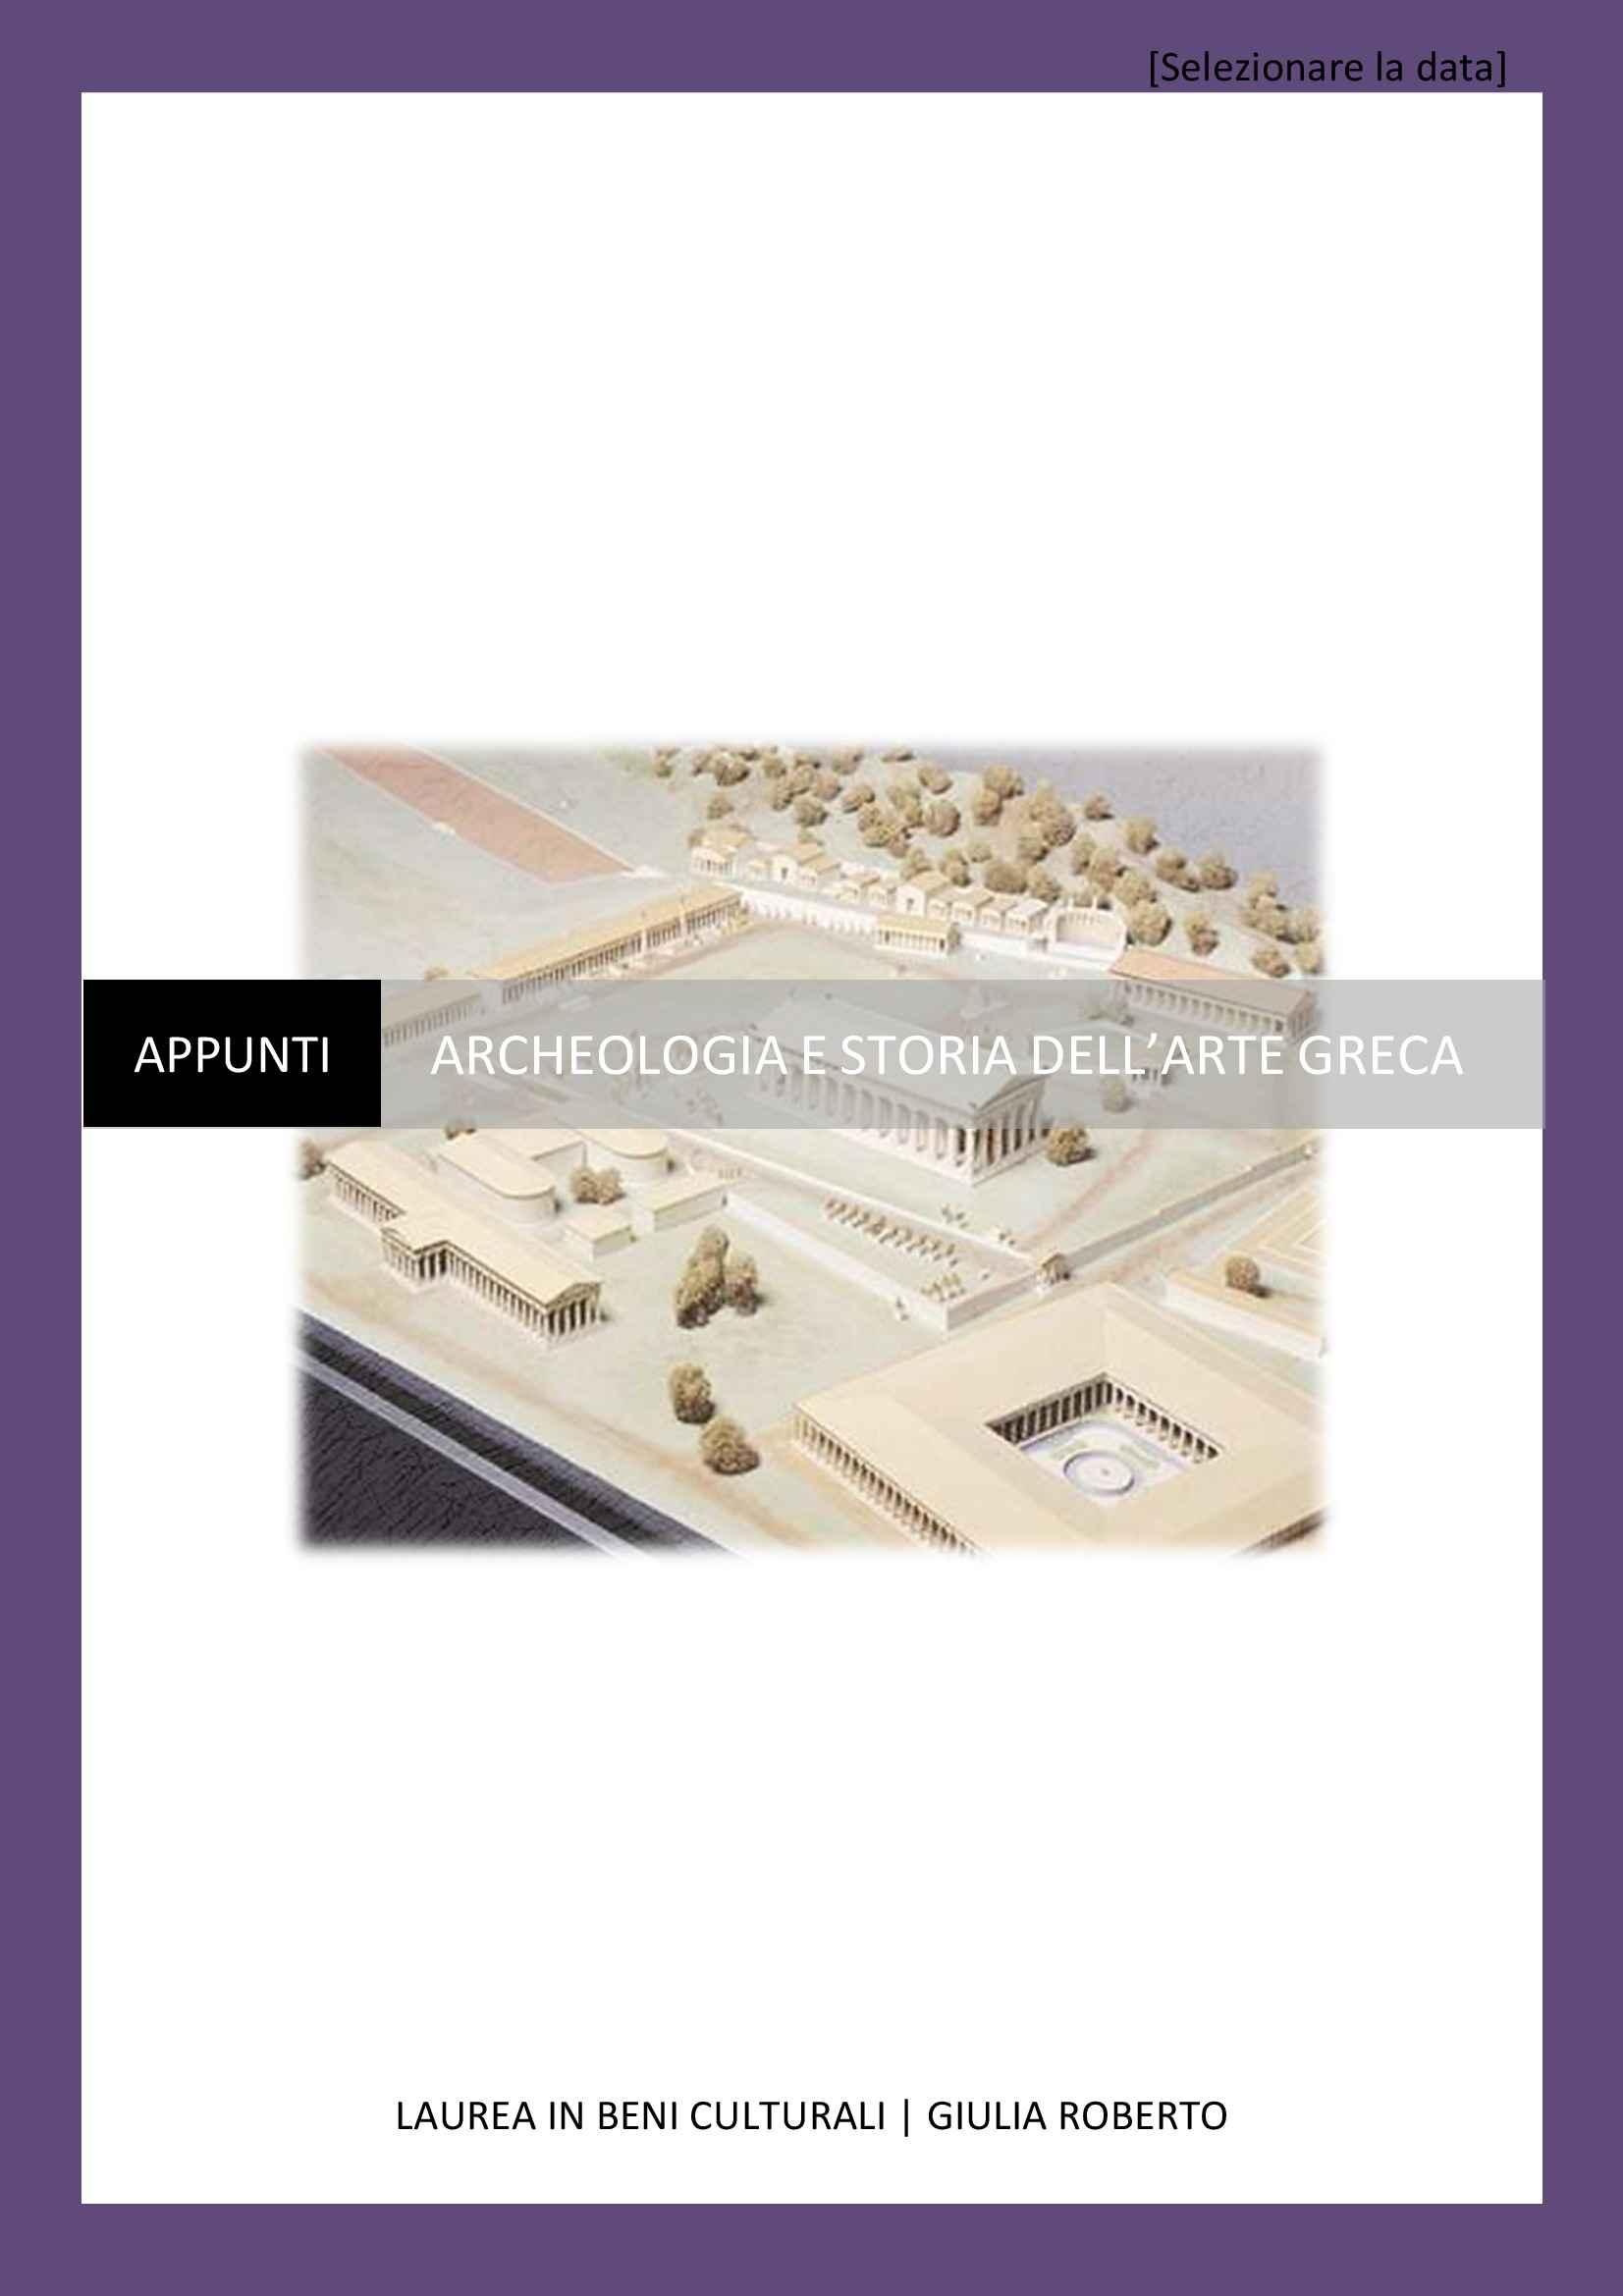 Archeologia e storia dell'arte greca - Appunti